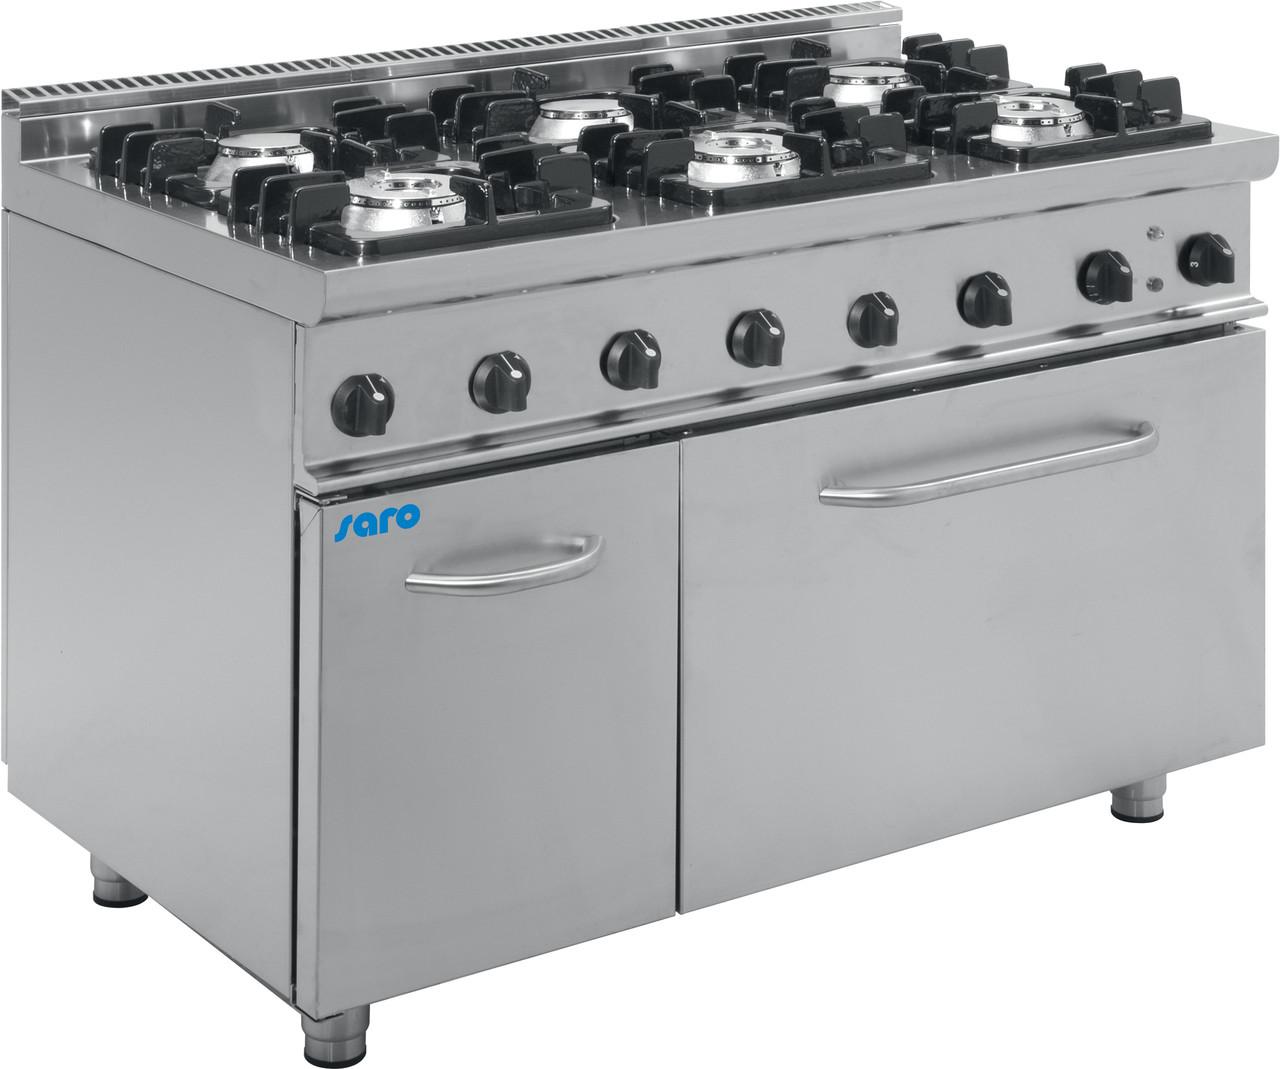 Газовая плита с электрической духовкой E7 / KUPG6LE Saro